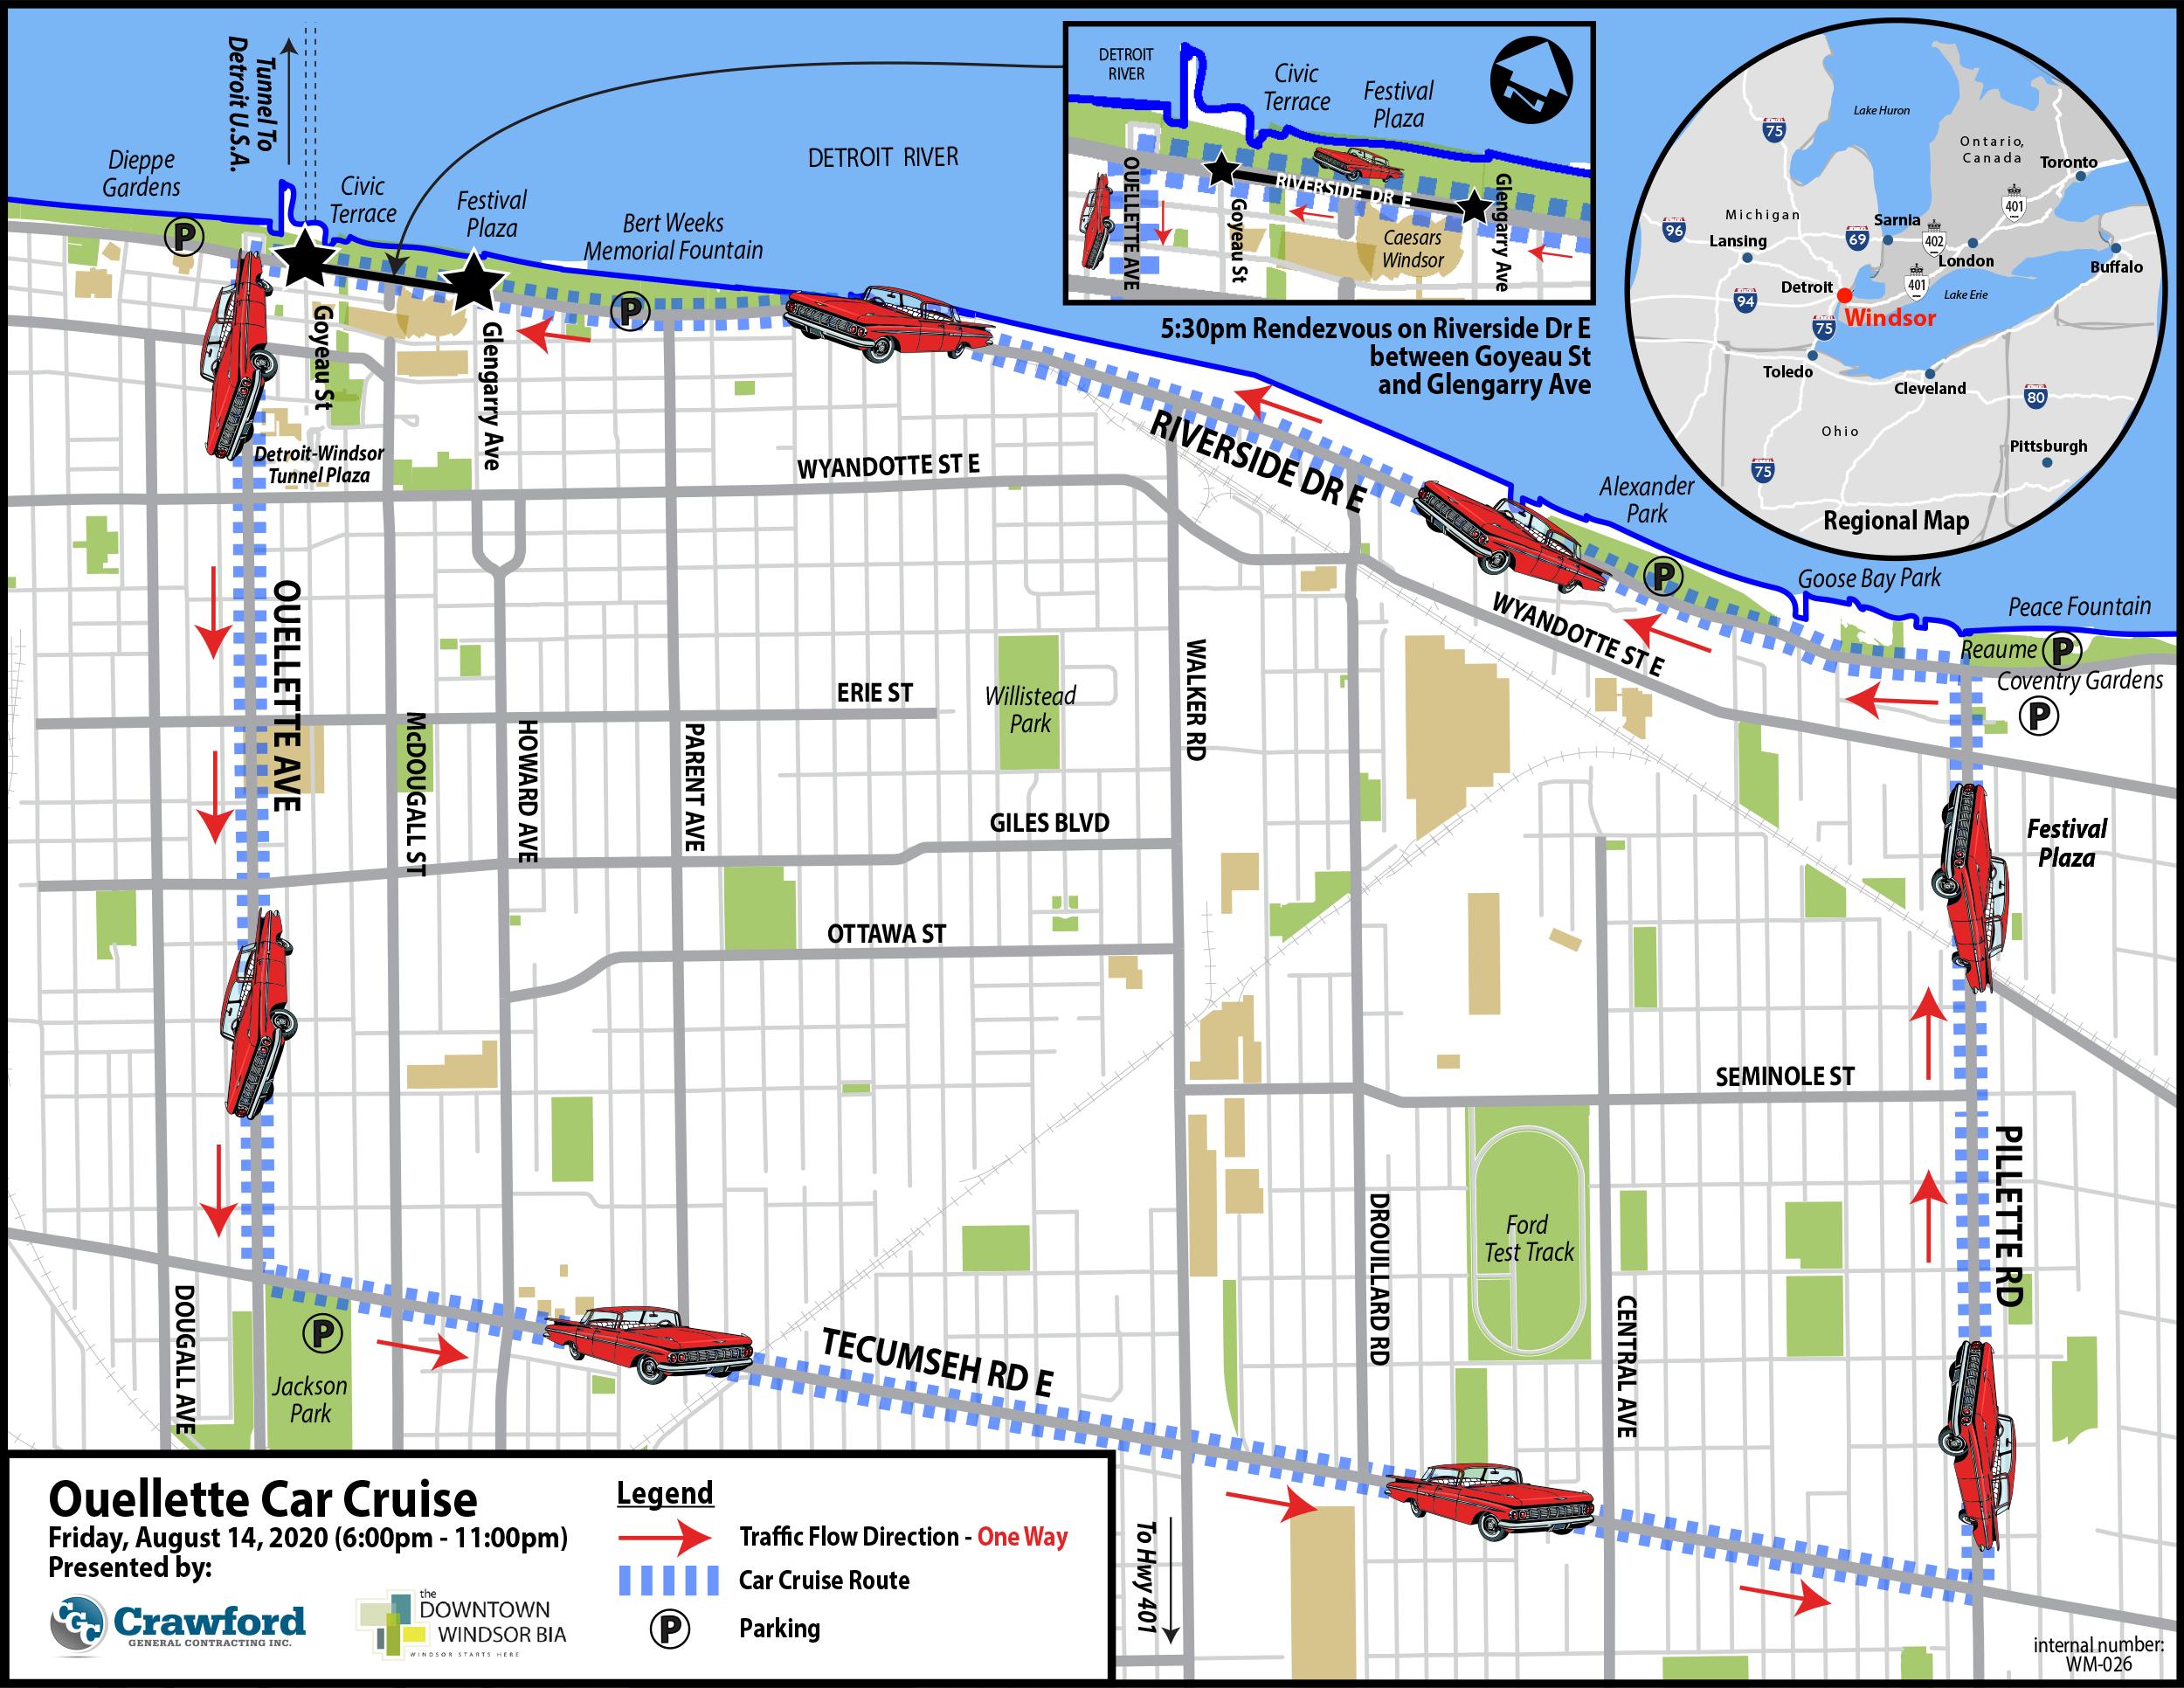 Ouellette Car Cruise Map 2020